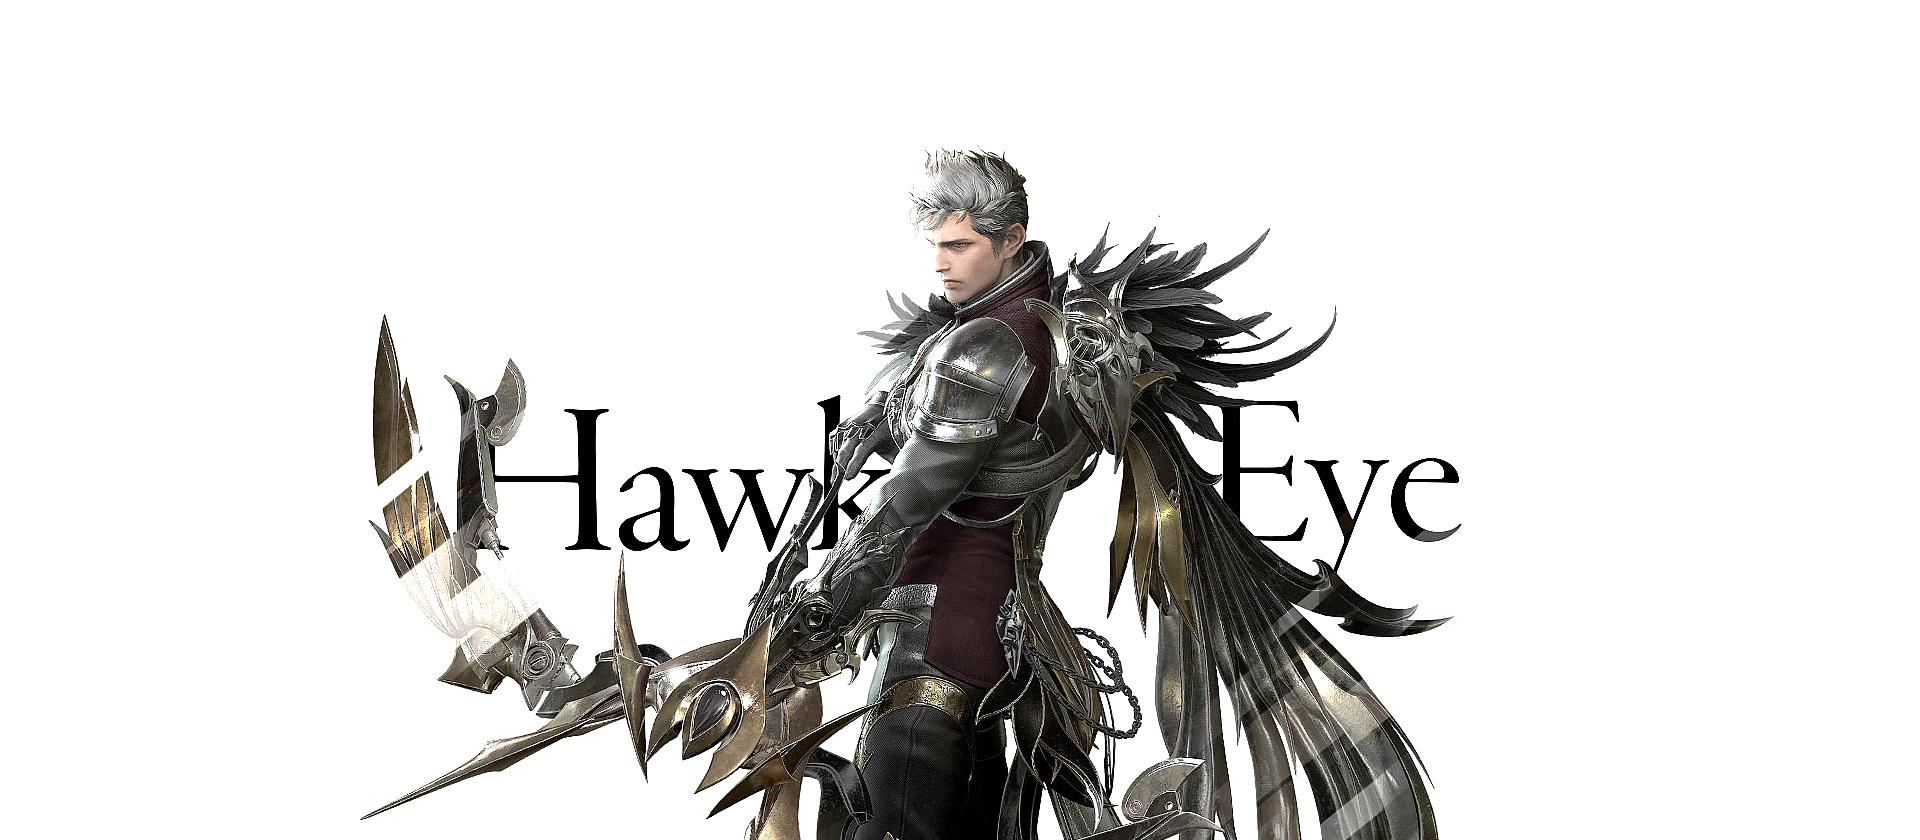 HawkEye en Lost Ark Online, una de las tres subclases de Hunter.